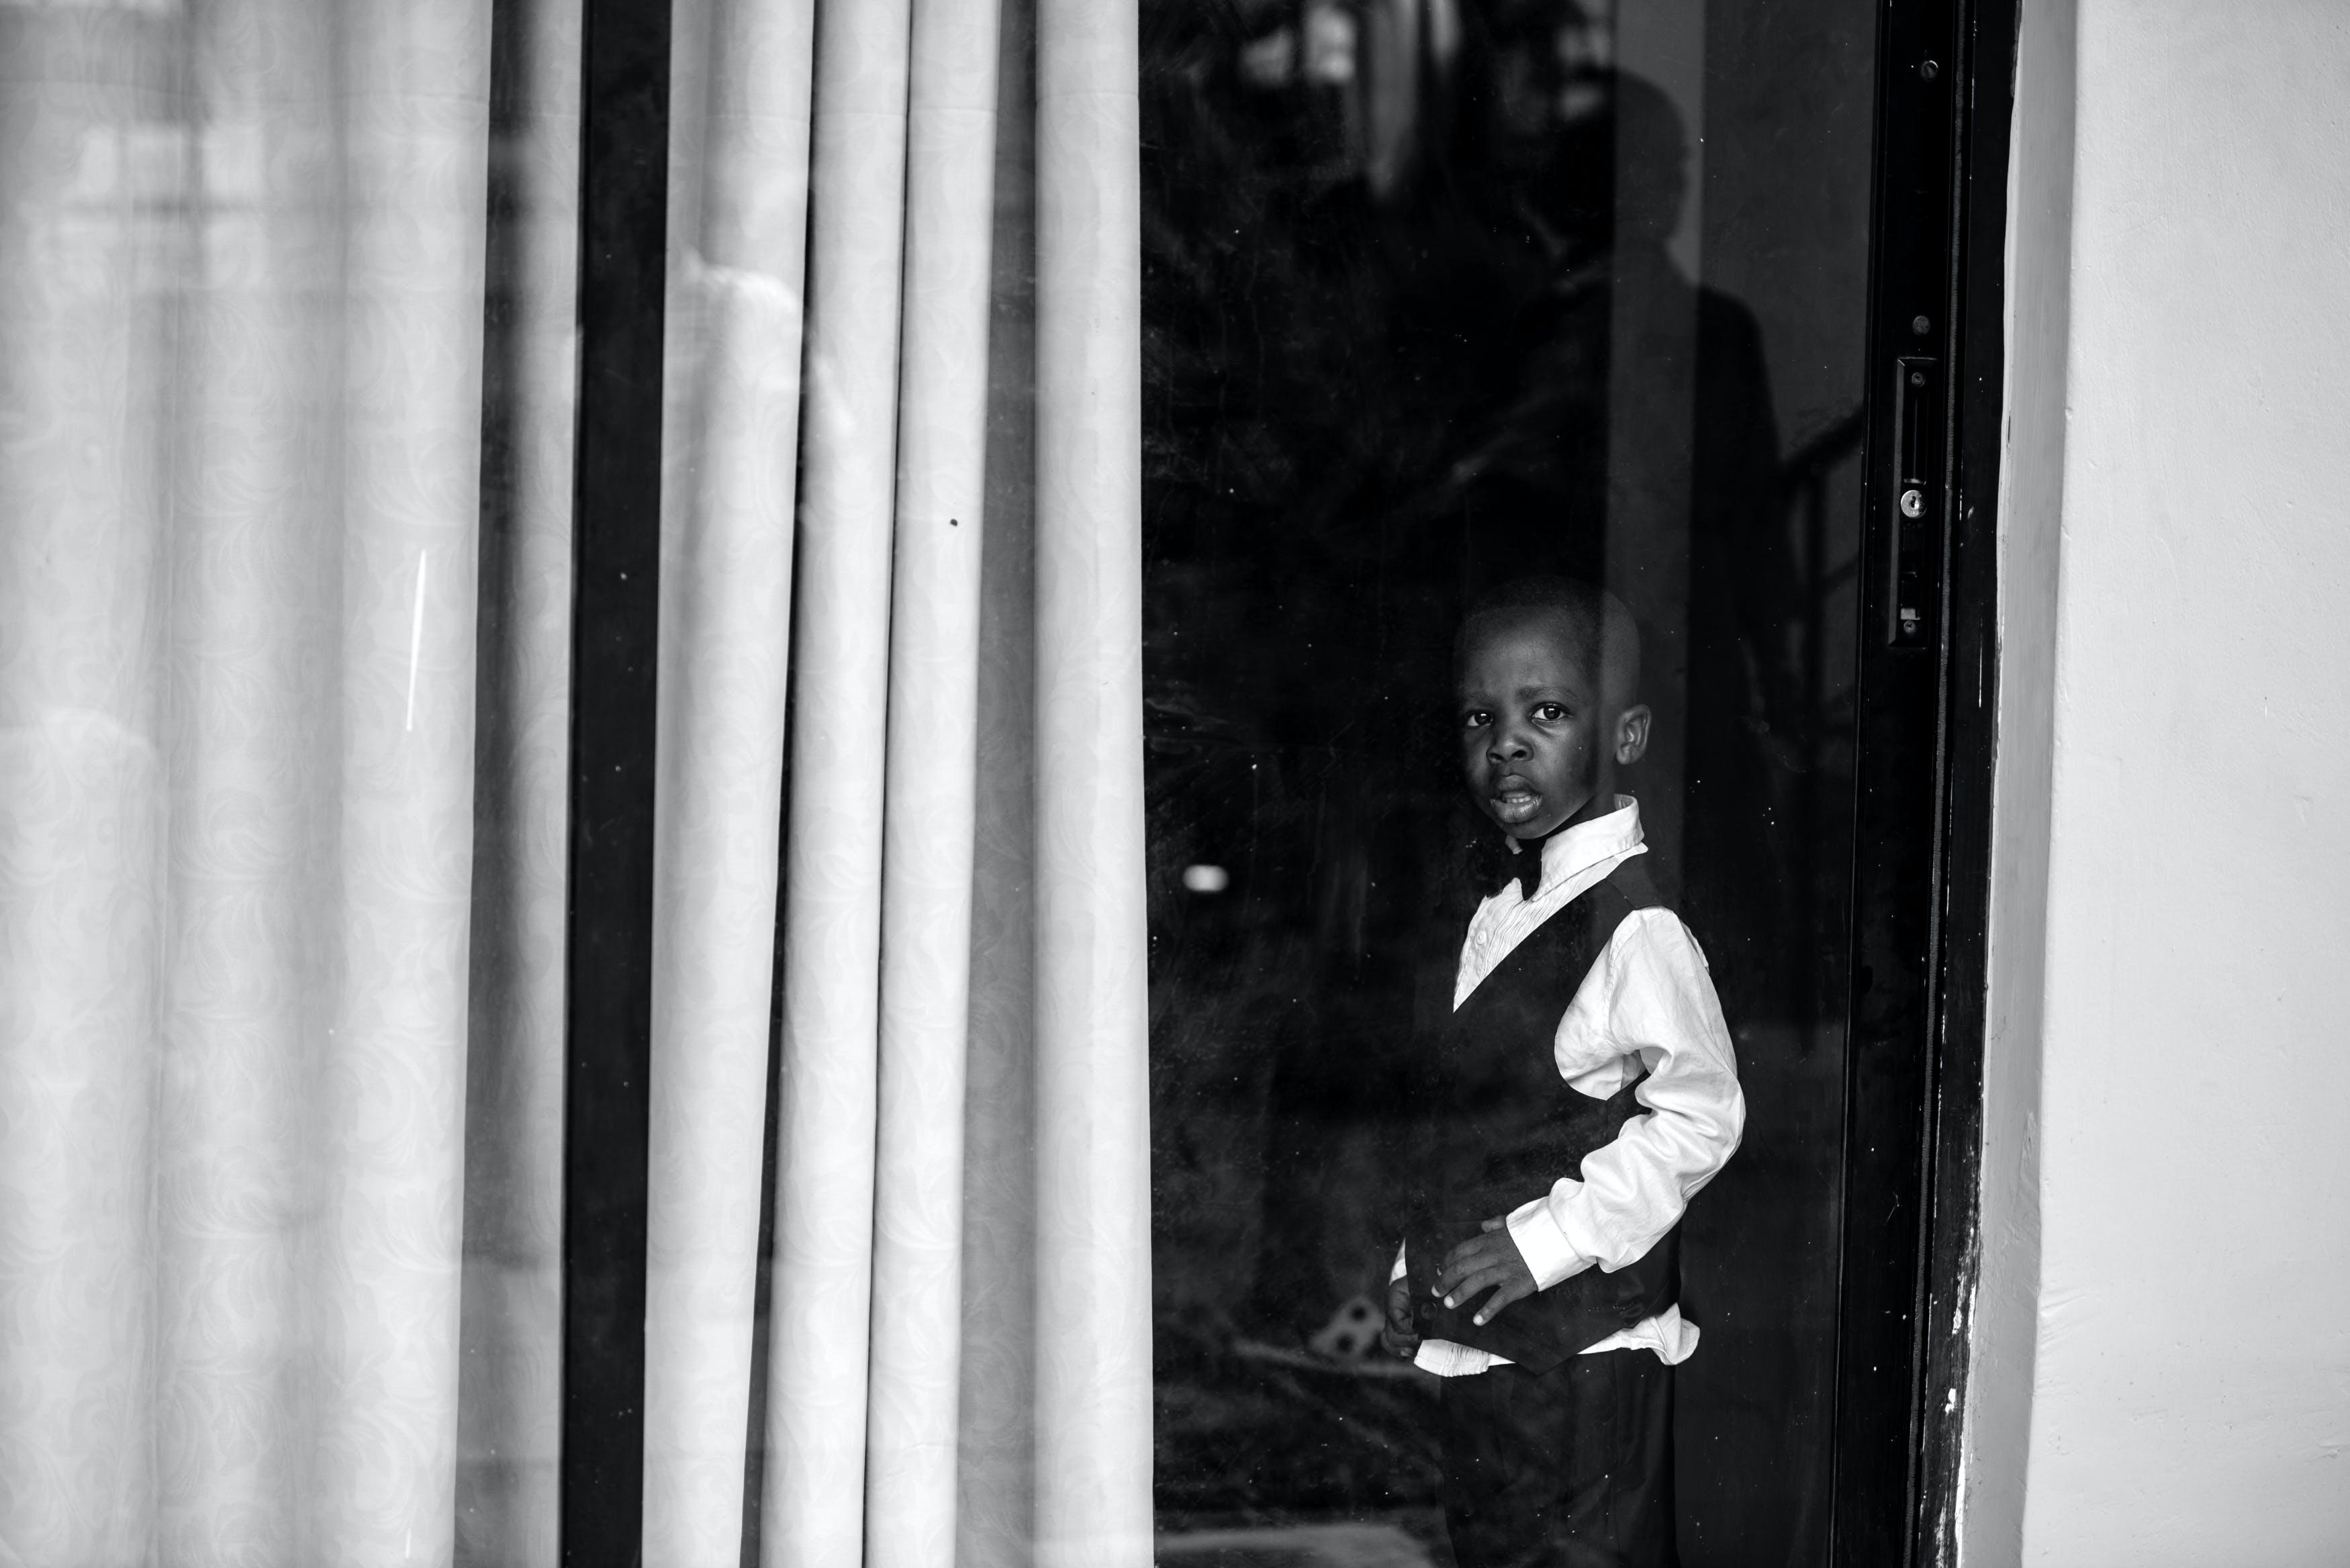 Fotos de stock gratuitas de adentro, atuendo, blanco y negro, chico de raza negra